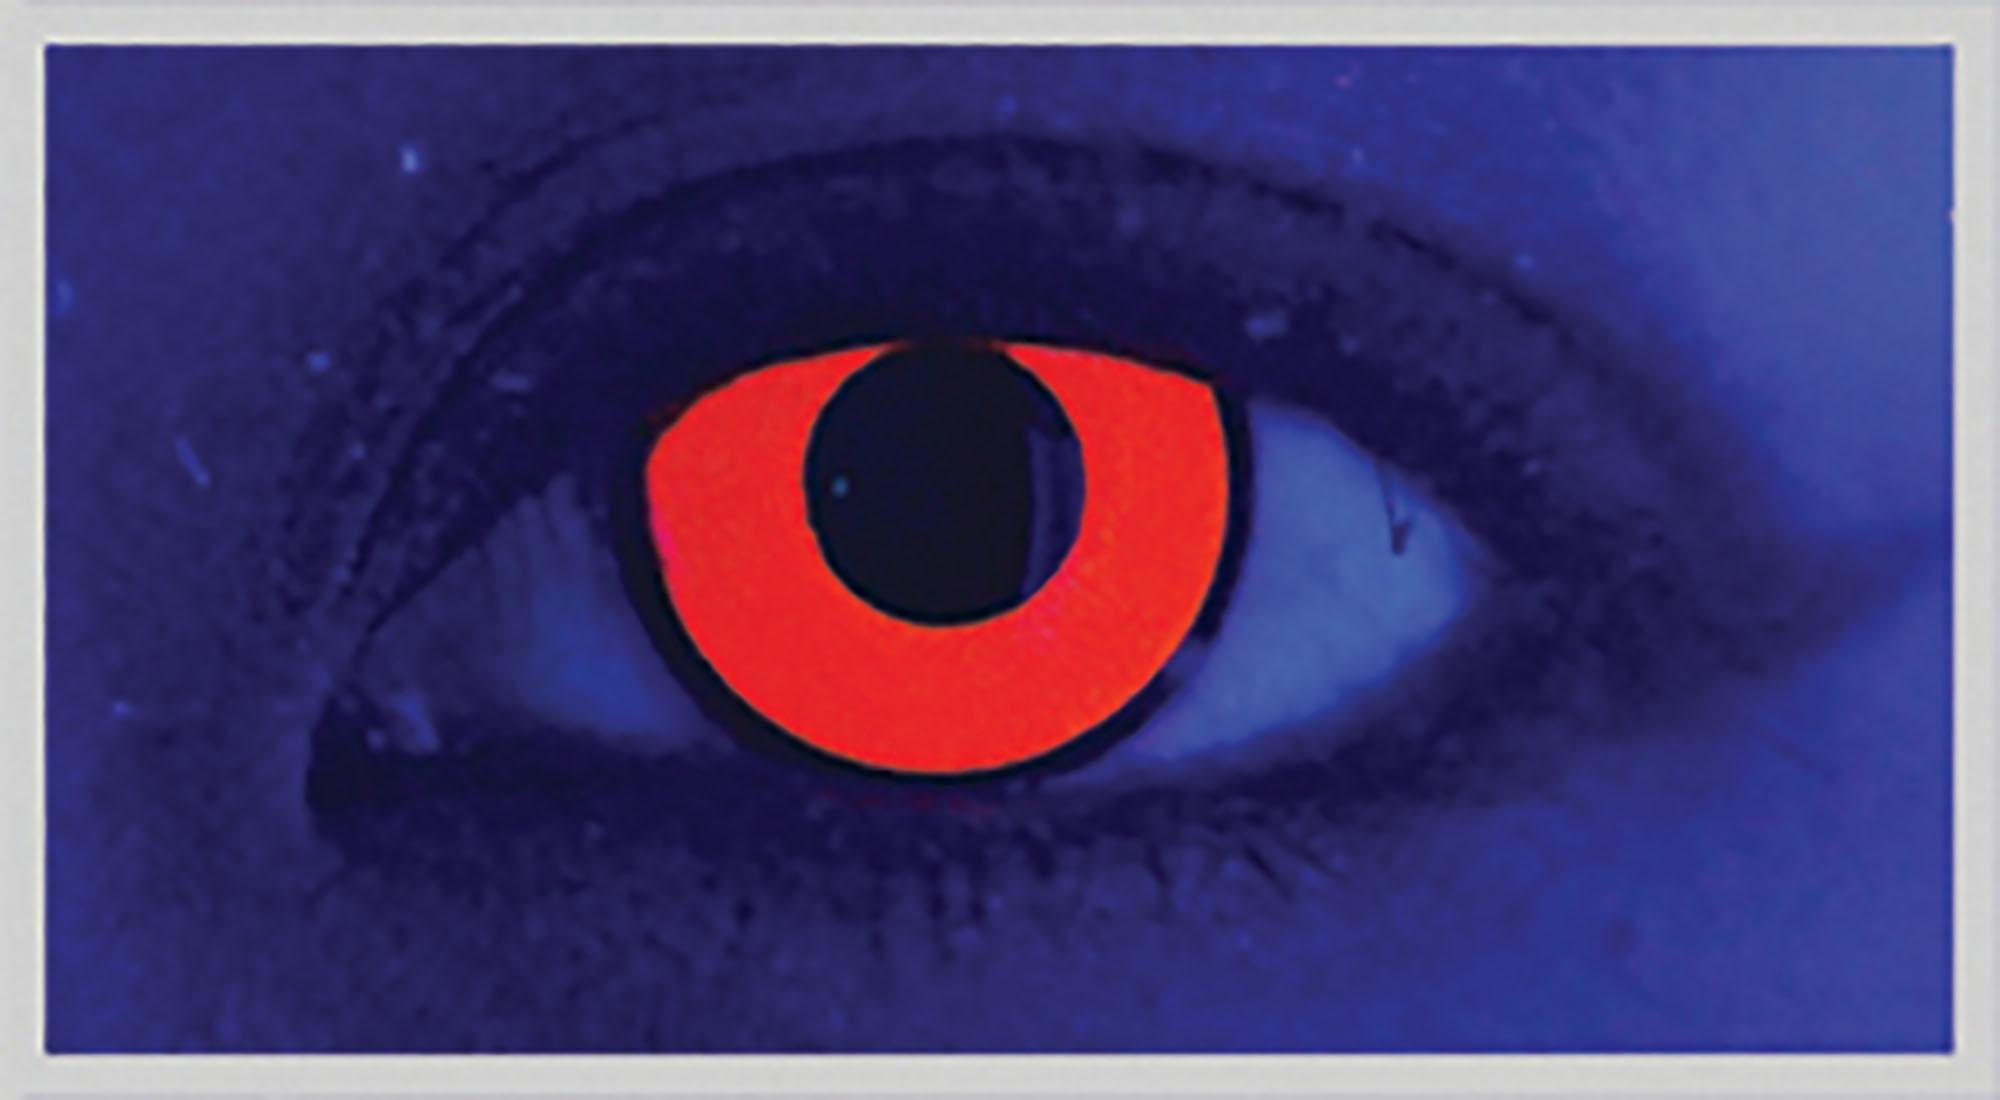 One Pair of Xtreme Eyez. 1 Day Lens. UV Vino Red